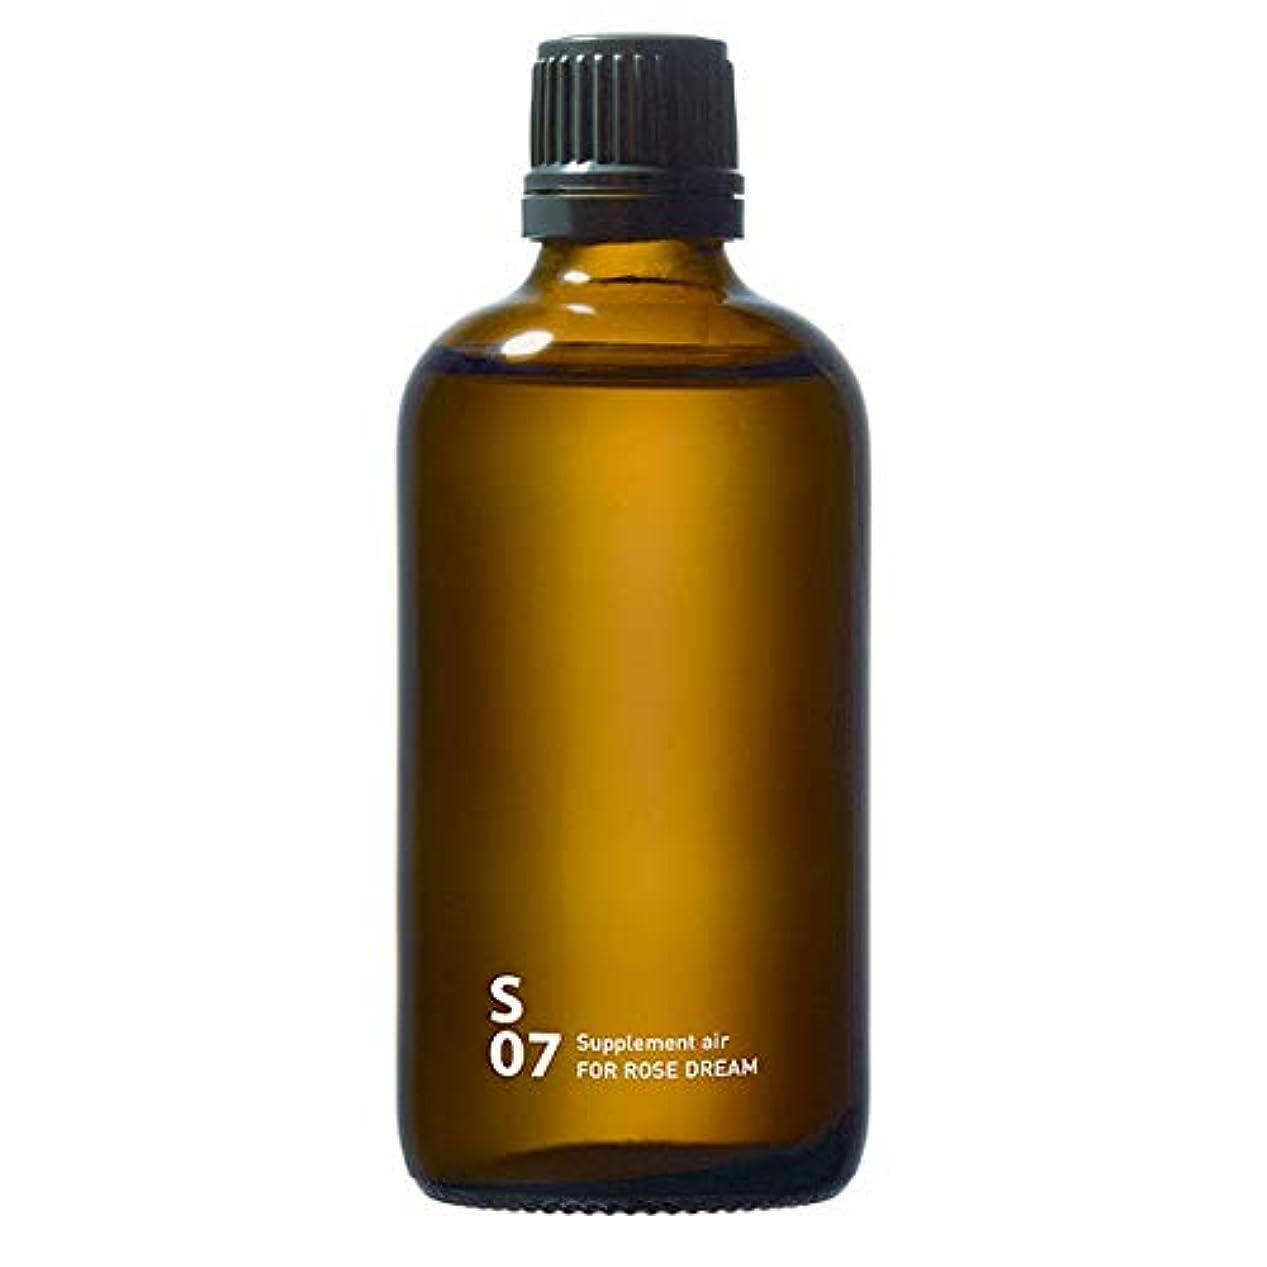 飛行機宙返り実業家S07 FOR ROSE DREAM piezo aroma oil 100ml